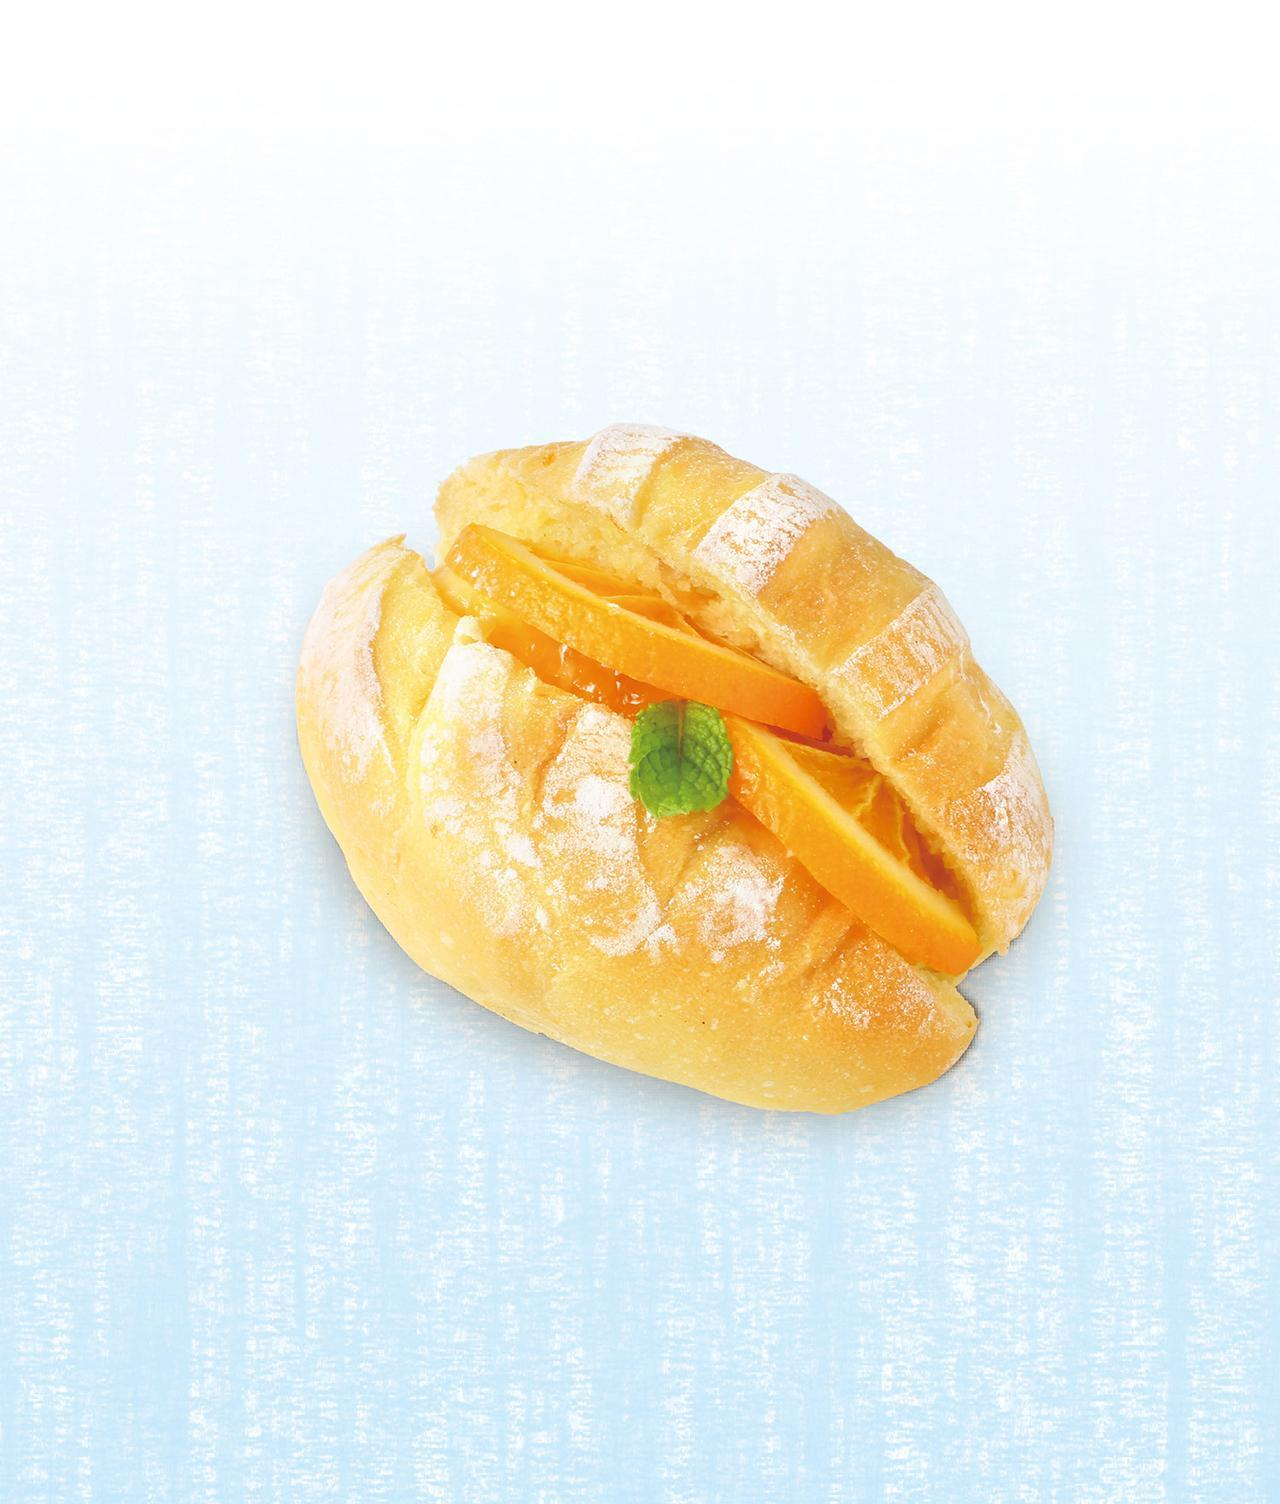 画像: オレンジとカスタードのサンド 本体価格¥230(税込価格¥249) 爽やかに香るマーマレードとオレンジスライス、まろやかな甘みのカスタードクリームをオレンジが香る生地にサンド。